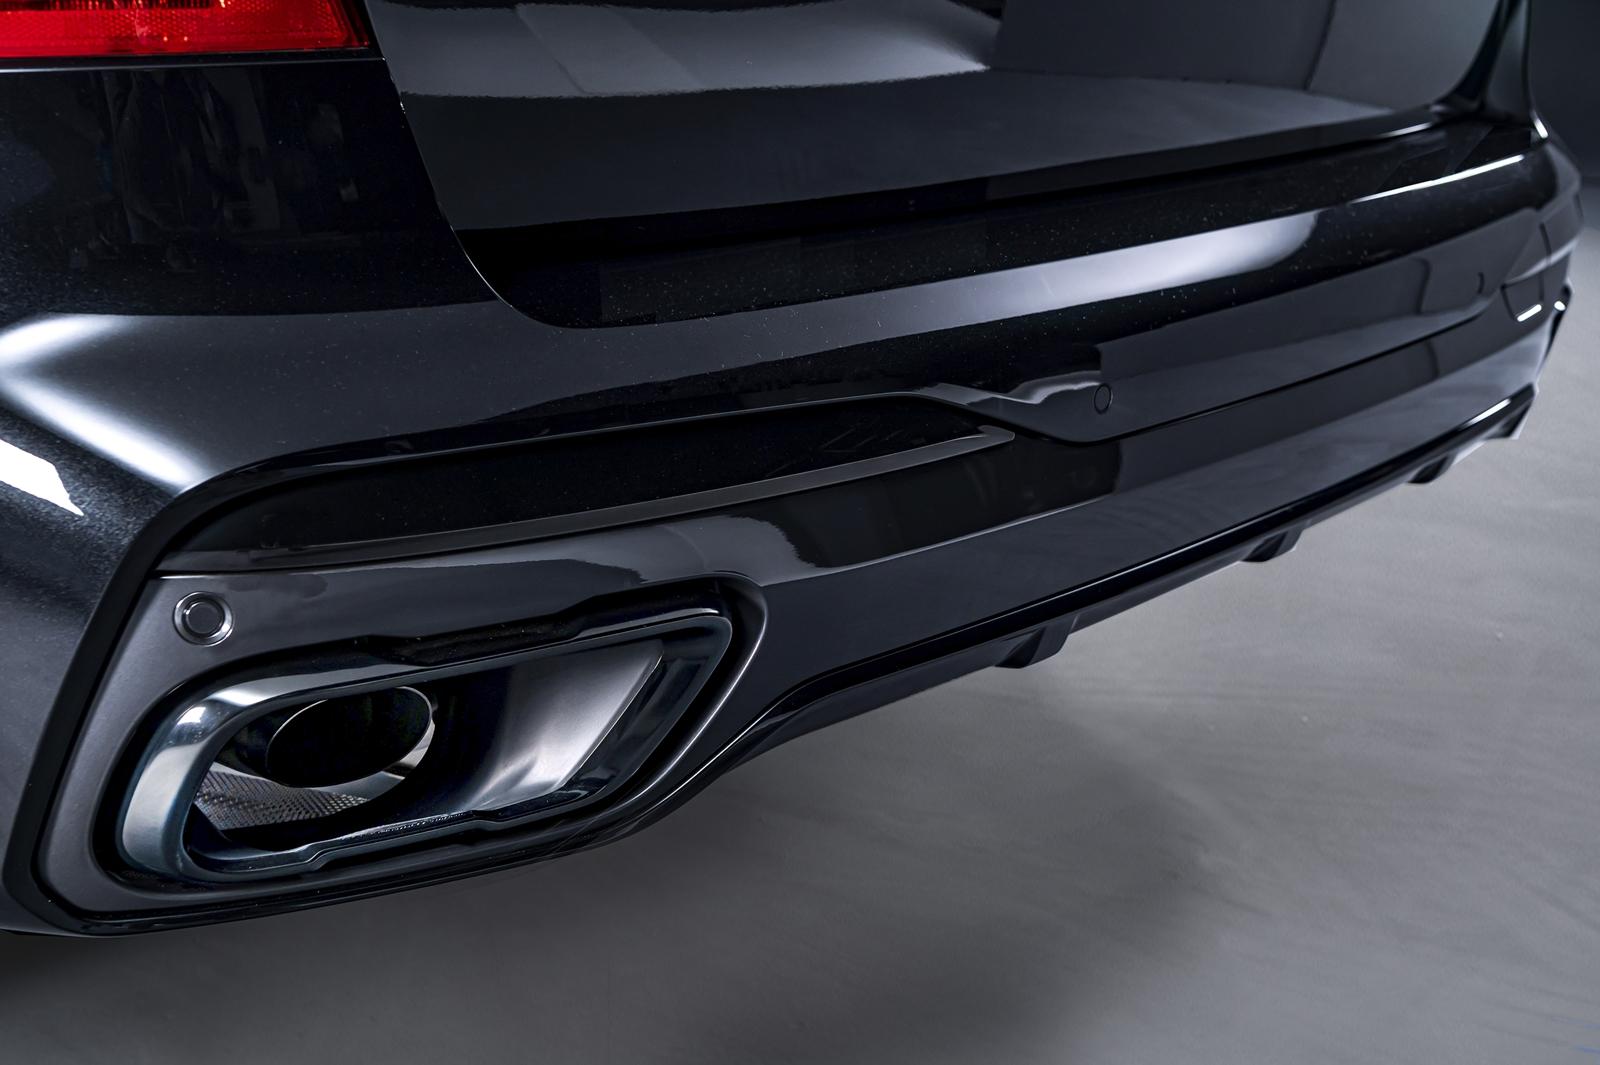 M 款運動化排氣系統與黑色高光澤排氣尾飾管均為 BMW X7 Dark Knight曜黑版標準配備。